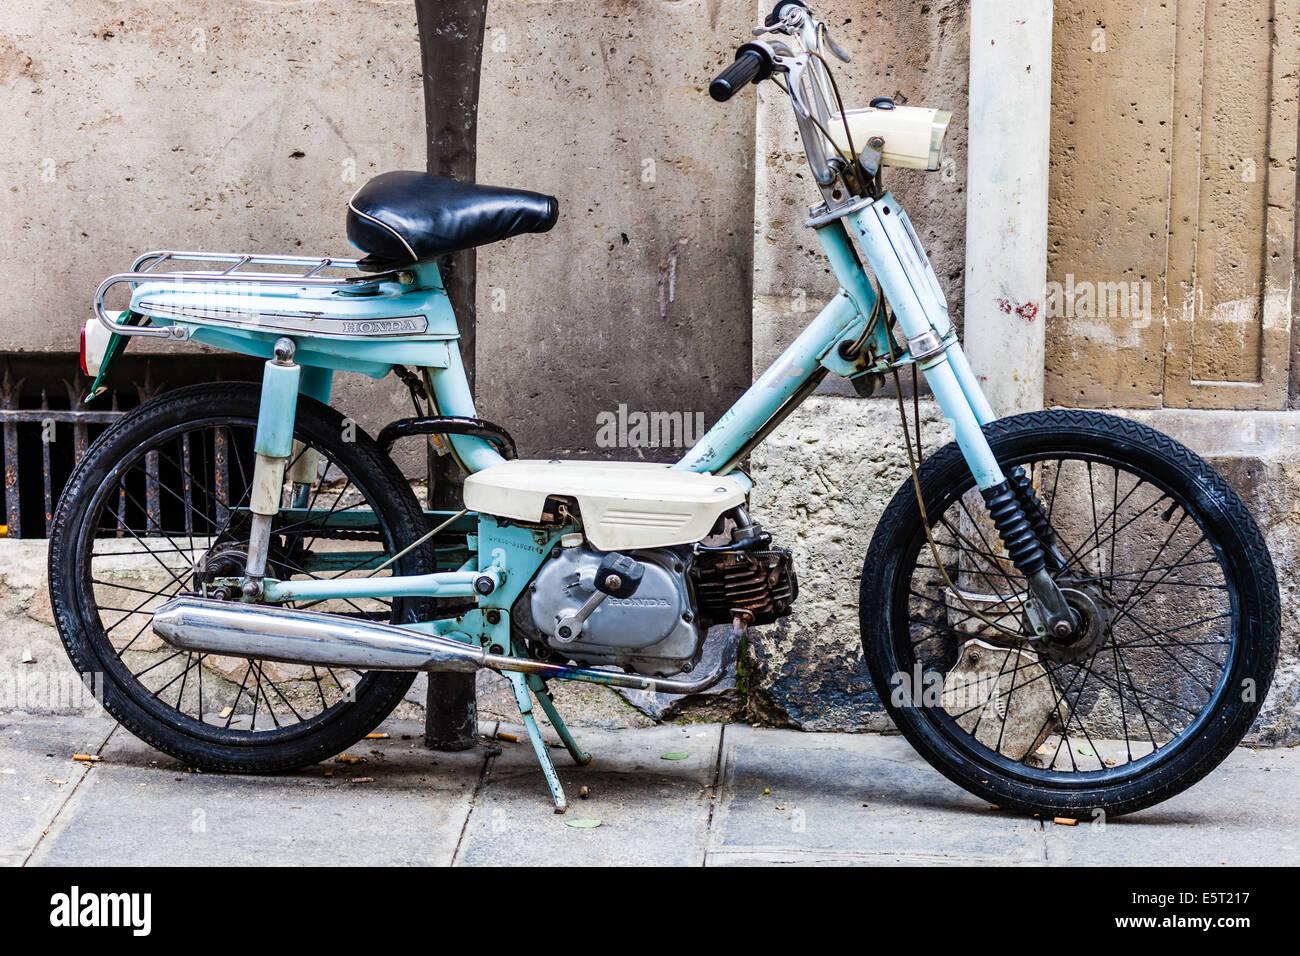 Download Honda Moped Vintage